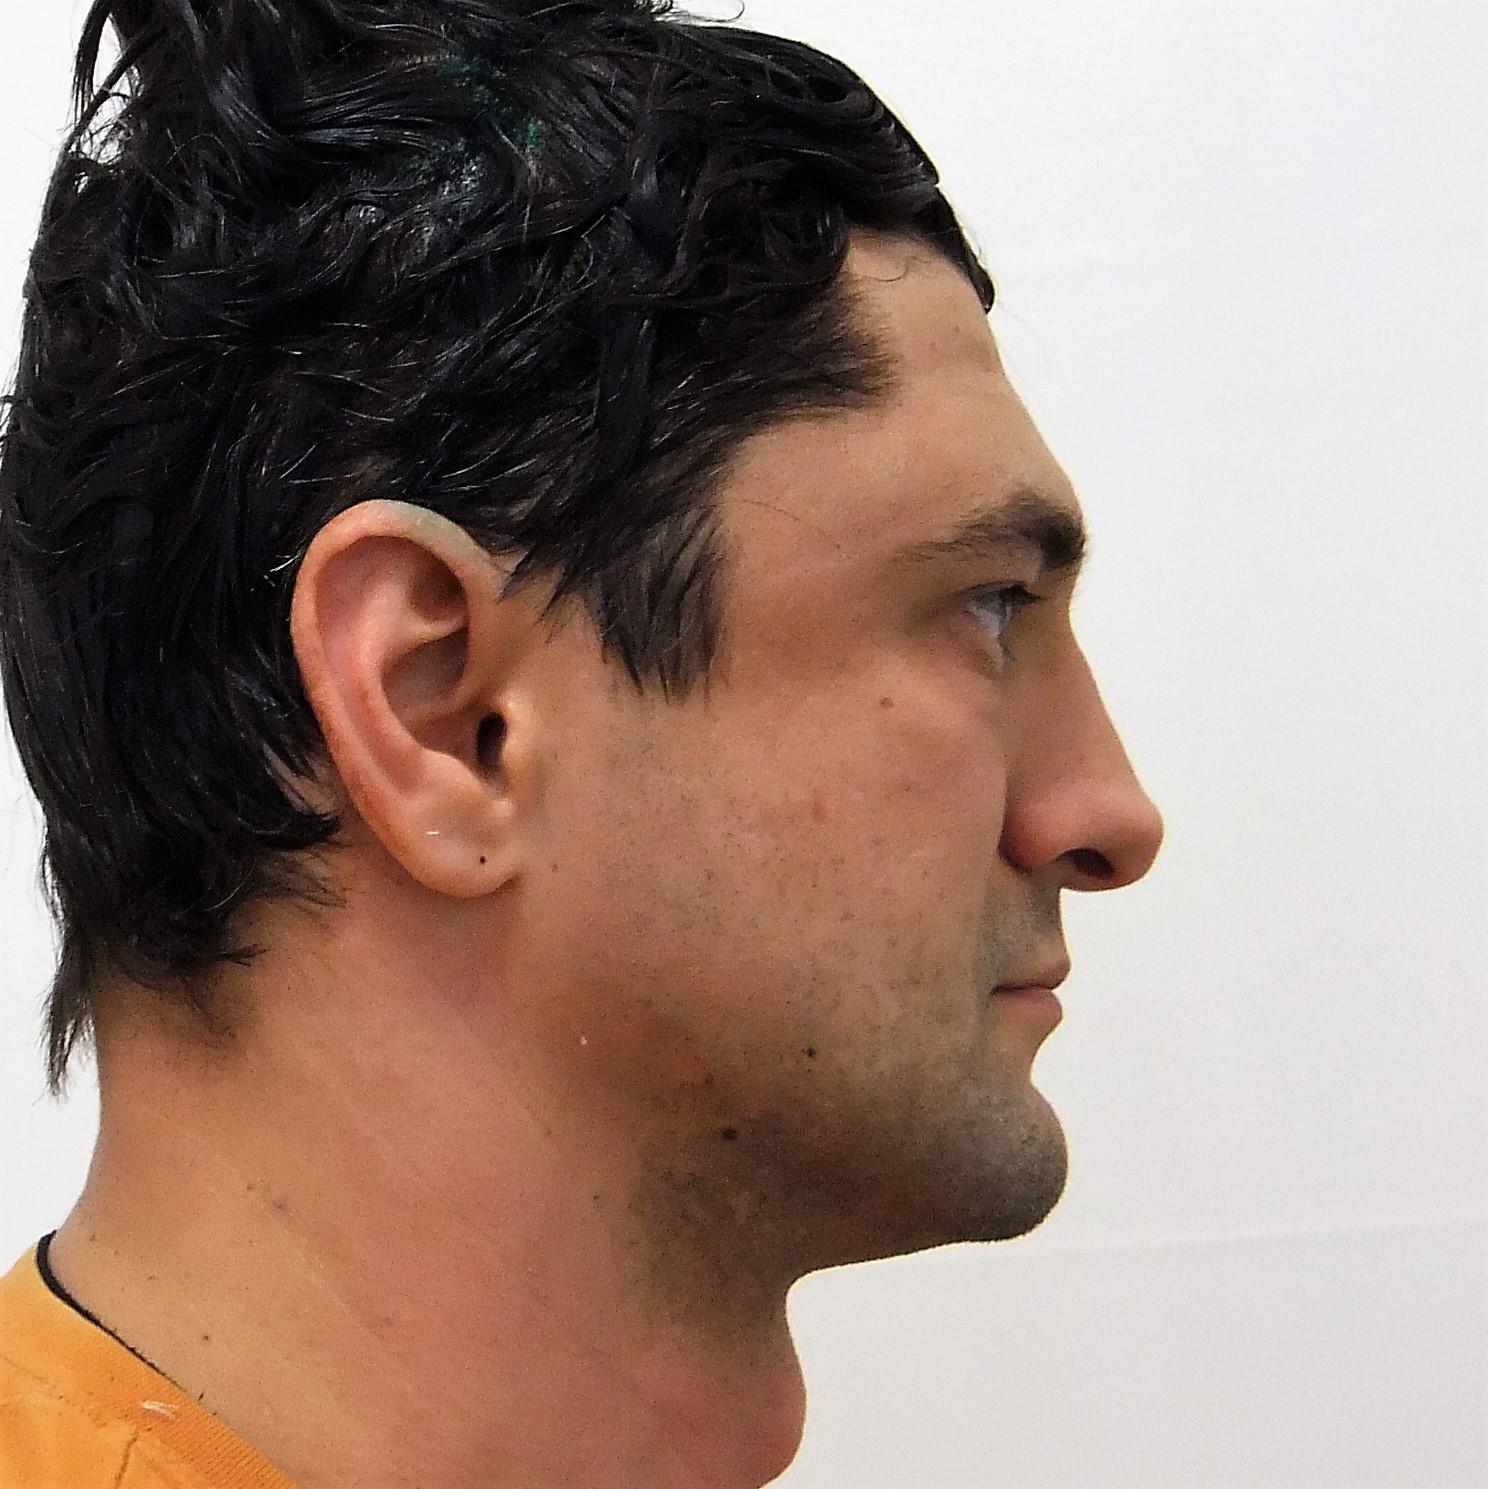 человека, форма мужского лба надбровные дуги фото одеться для